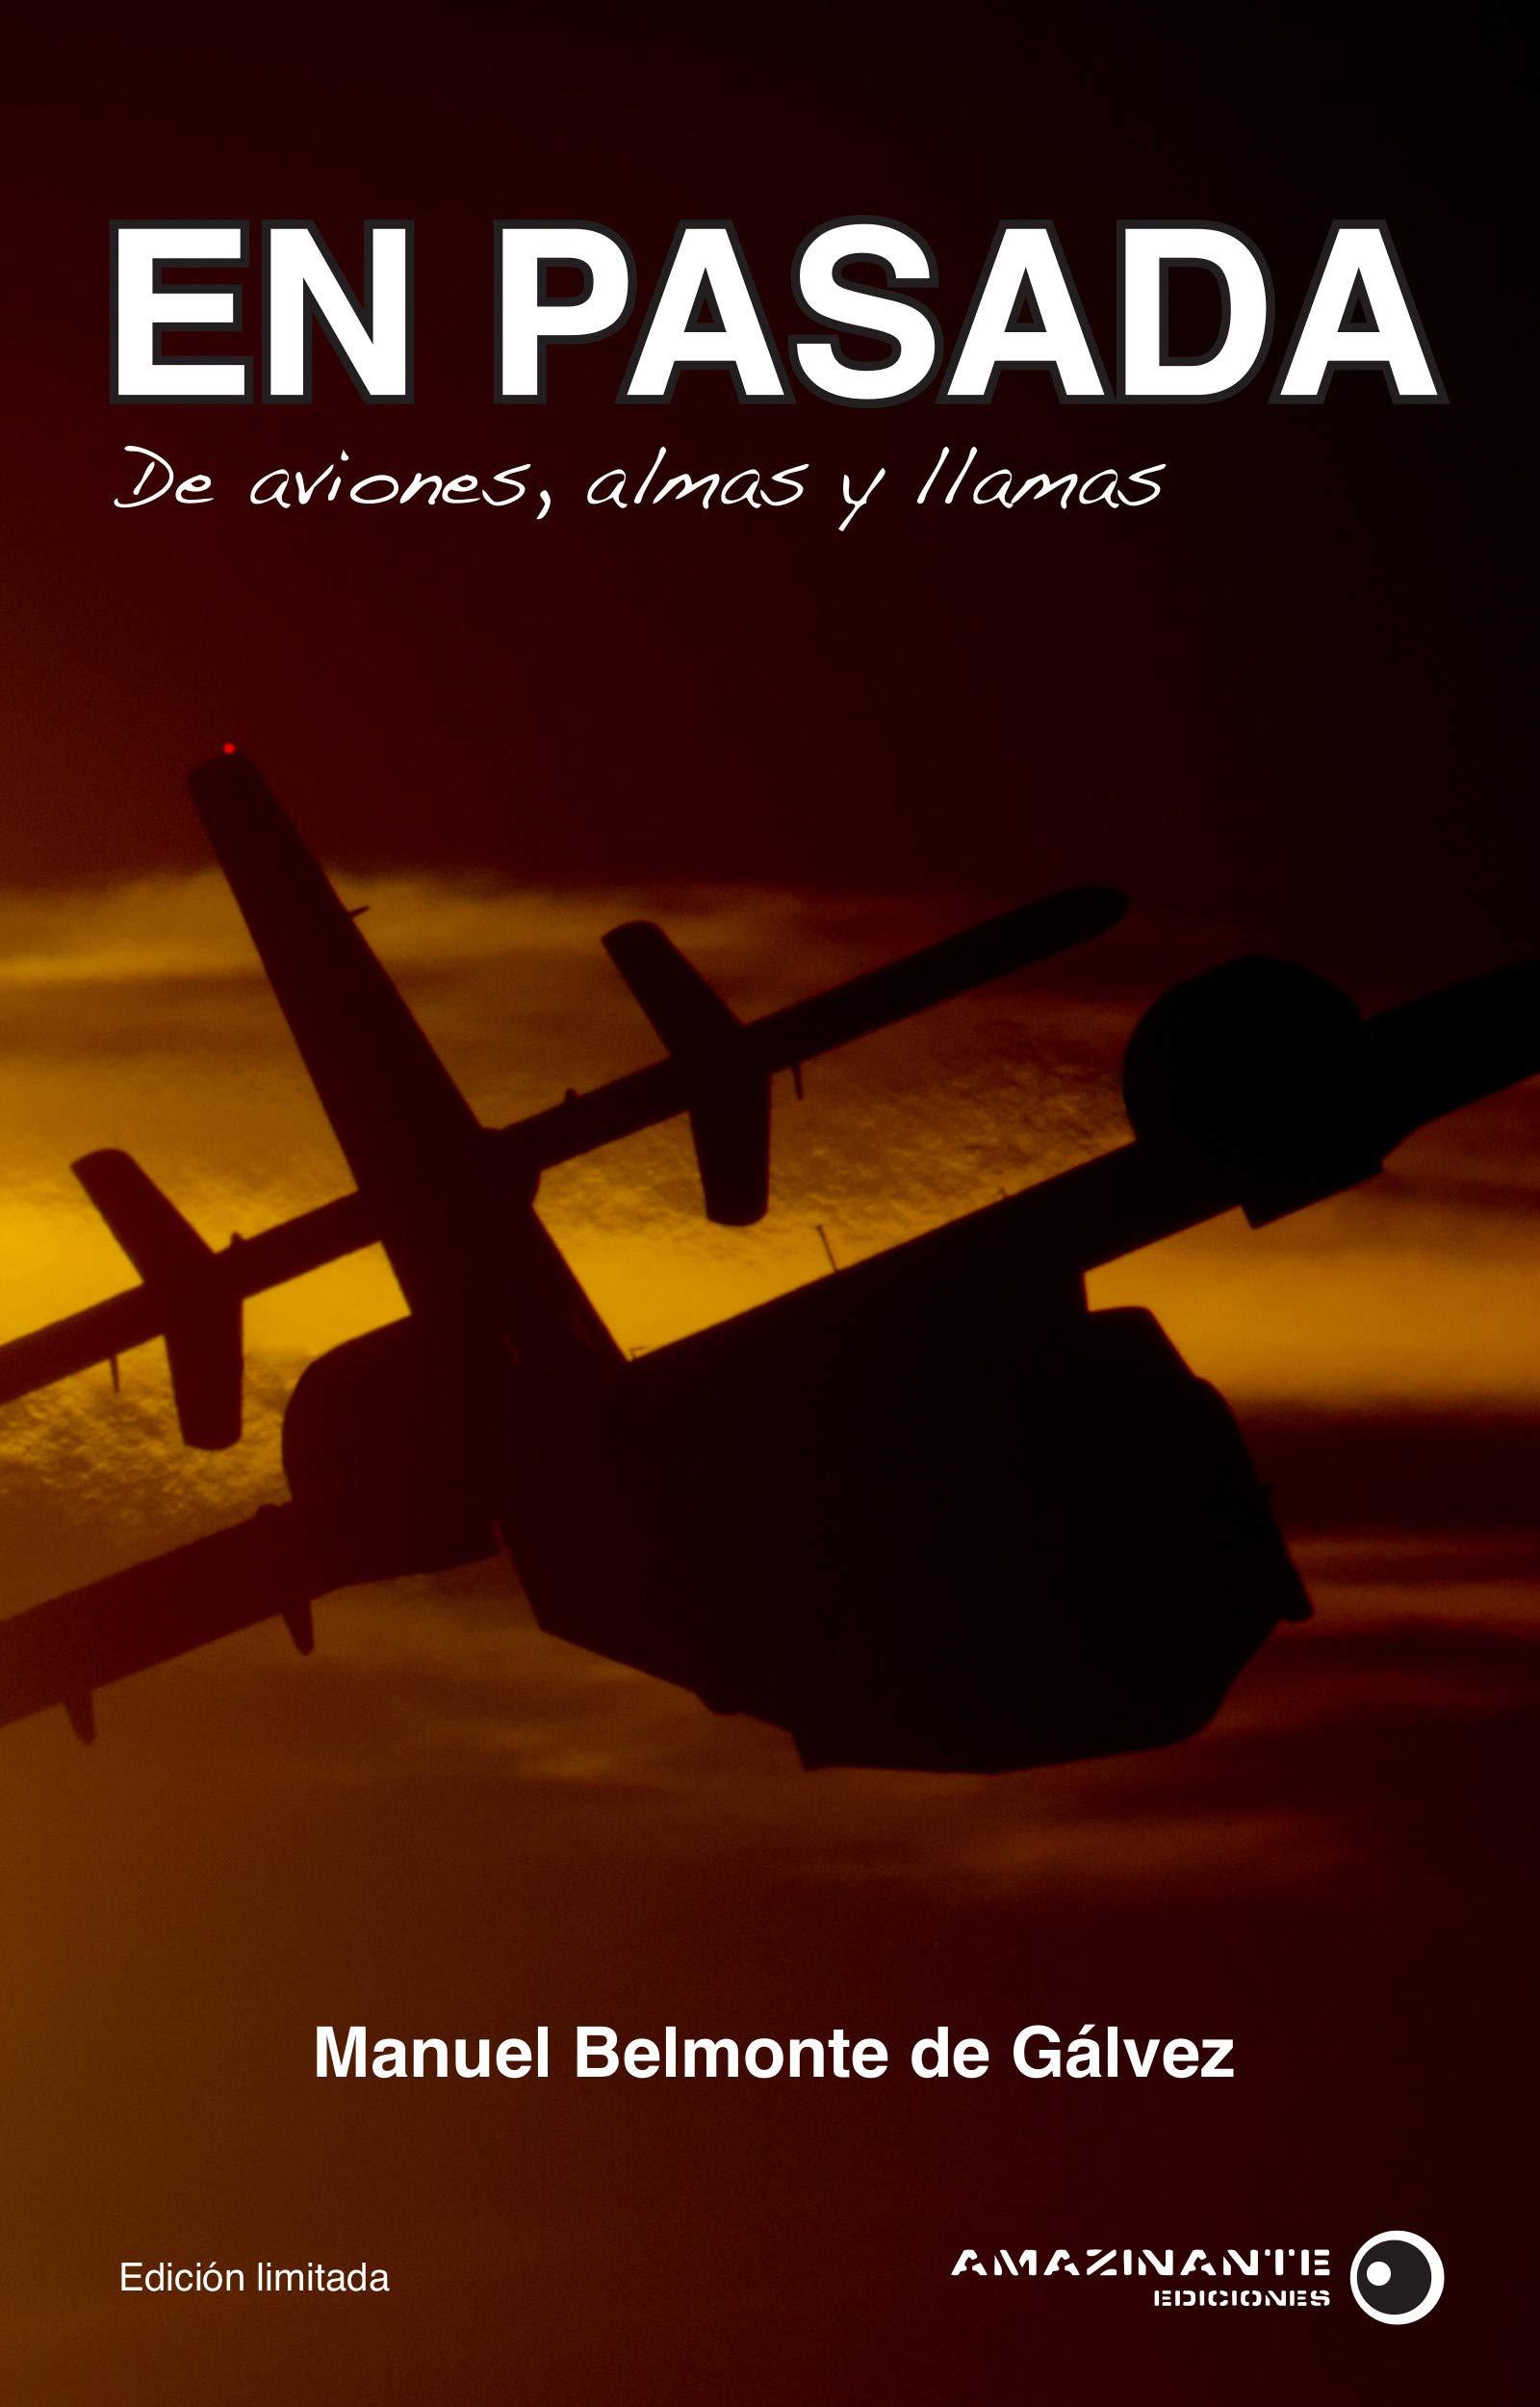 De aviones, almas y llamas.: Amazon.es: Manuel Belmonte de Gálvez: Libros